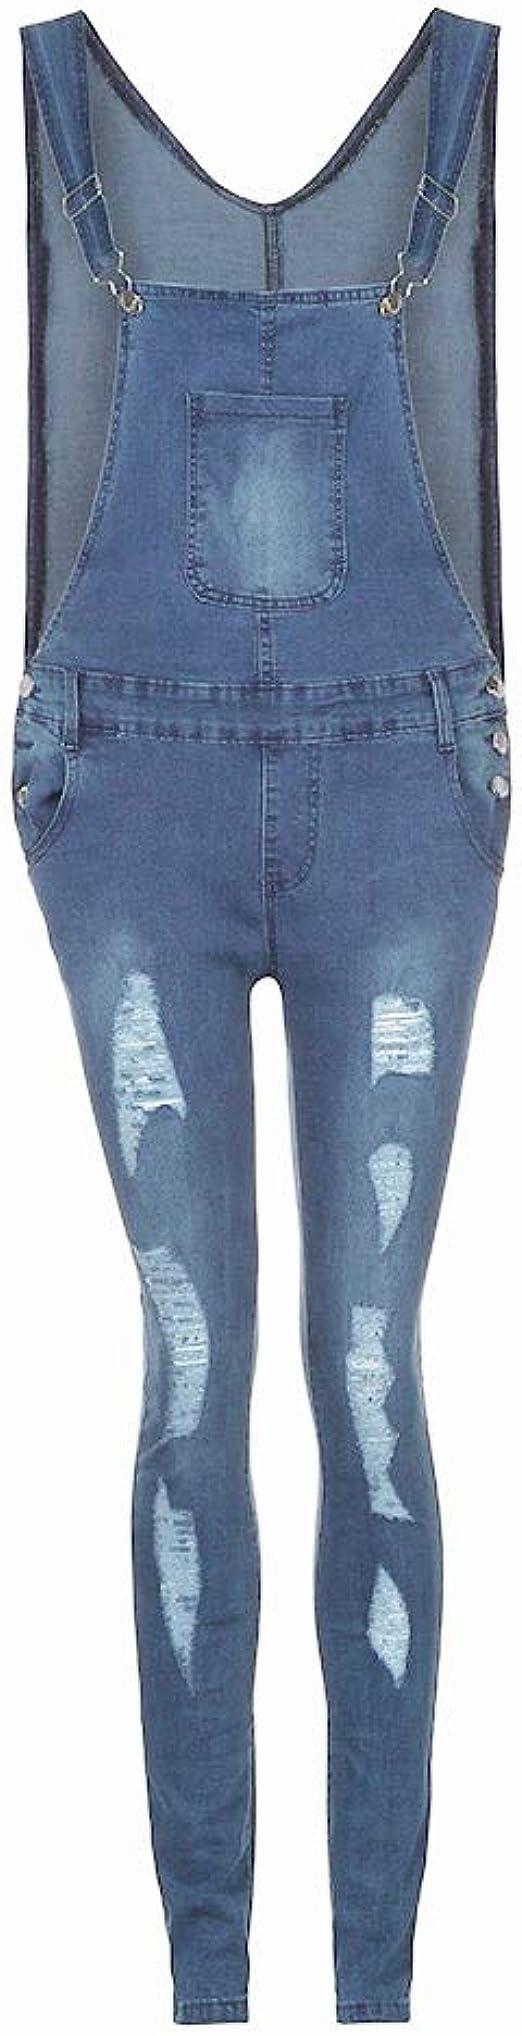 Bohoo Toddler Baby Girls Denim Destroyed Ripped Jeans Dresses Adjustable Straps